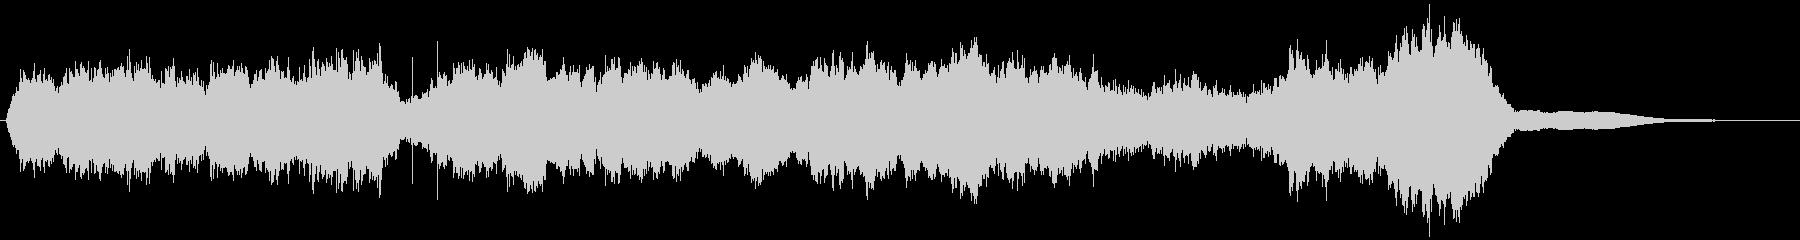 四声体基準のシンプルなストリングスBGMの未再生の波形